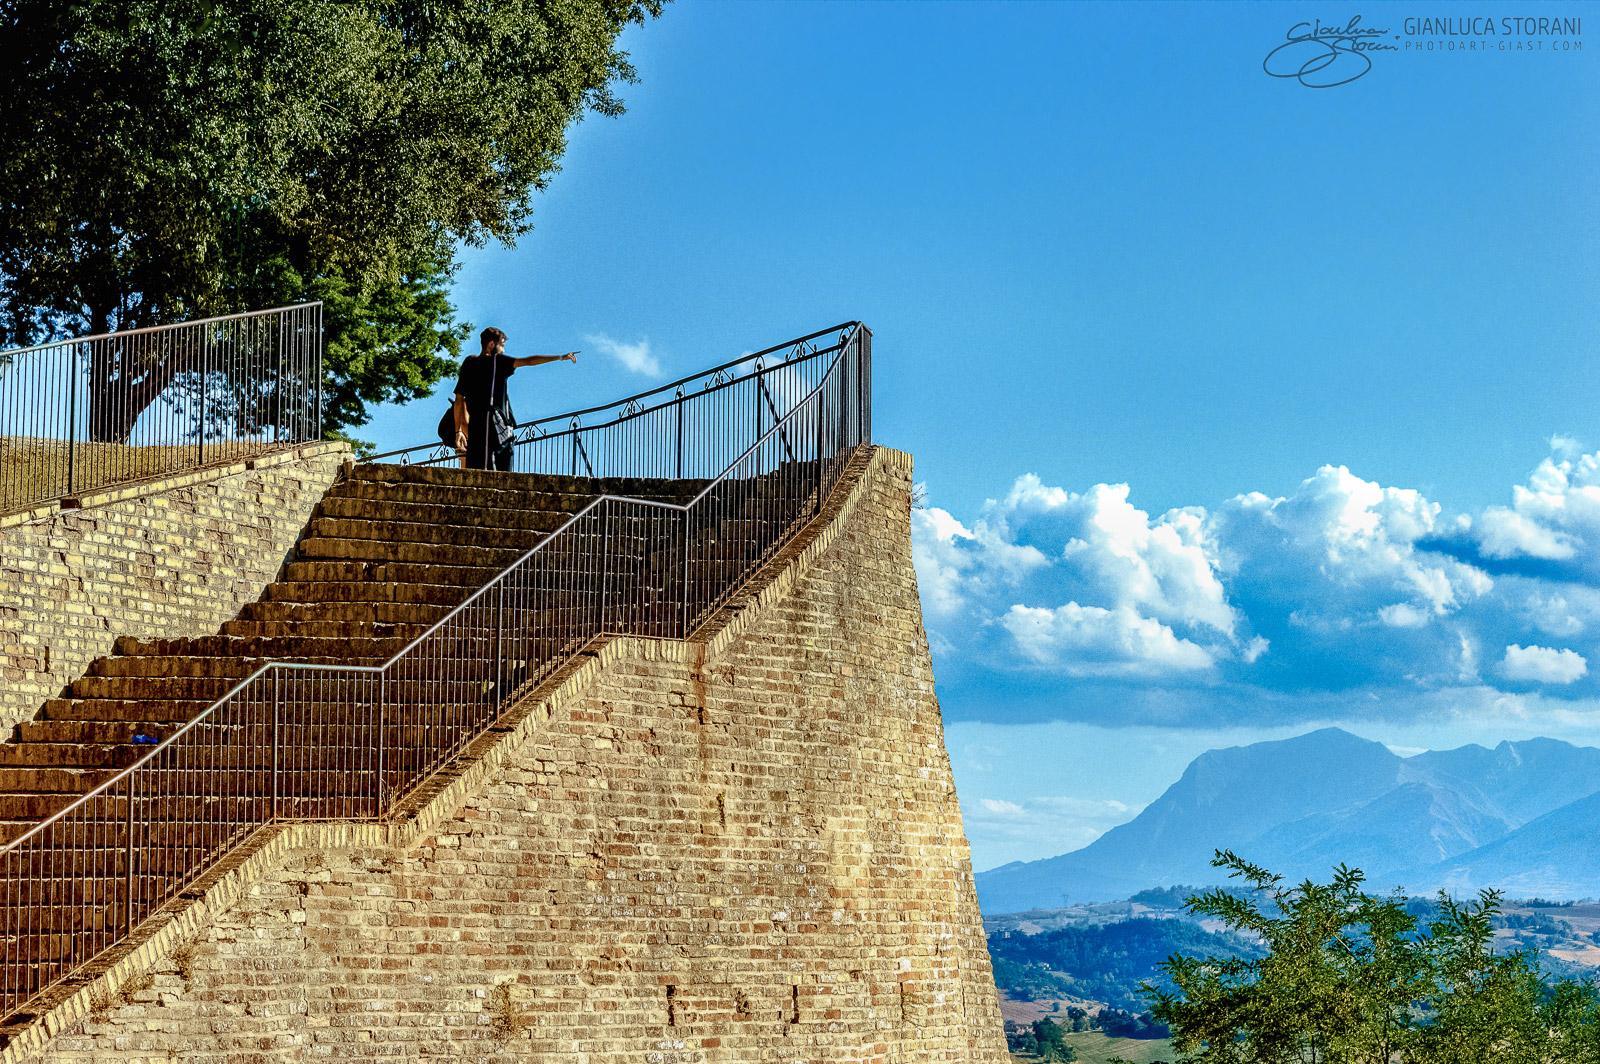 Stairway to beauty - Gianluca Storani Photo Art (ID: 4-1643)